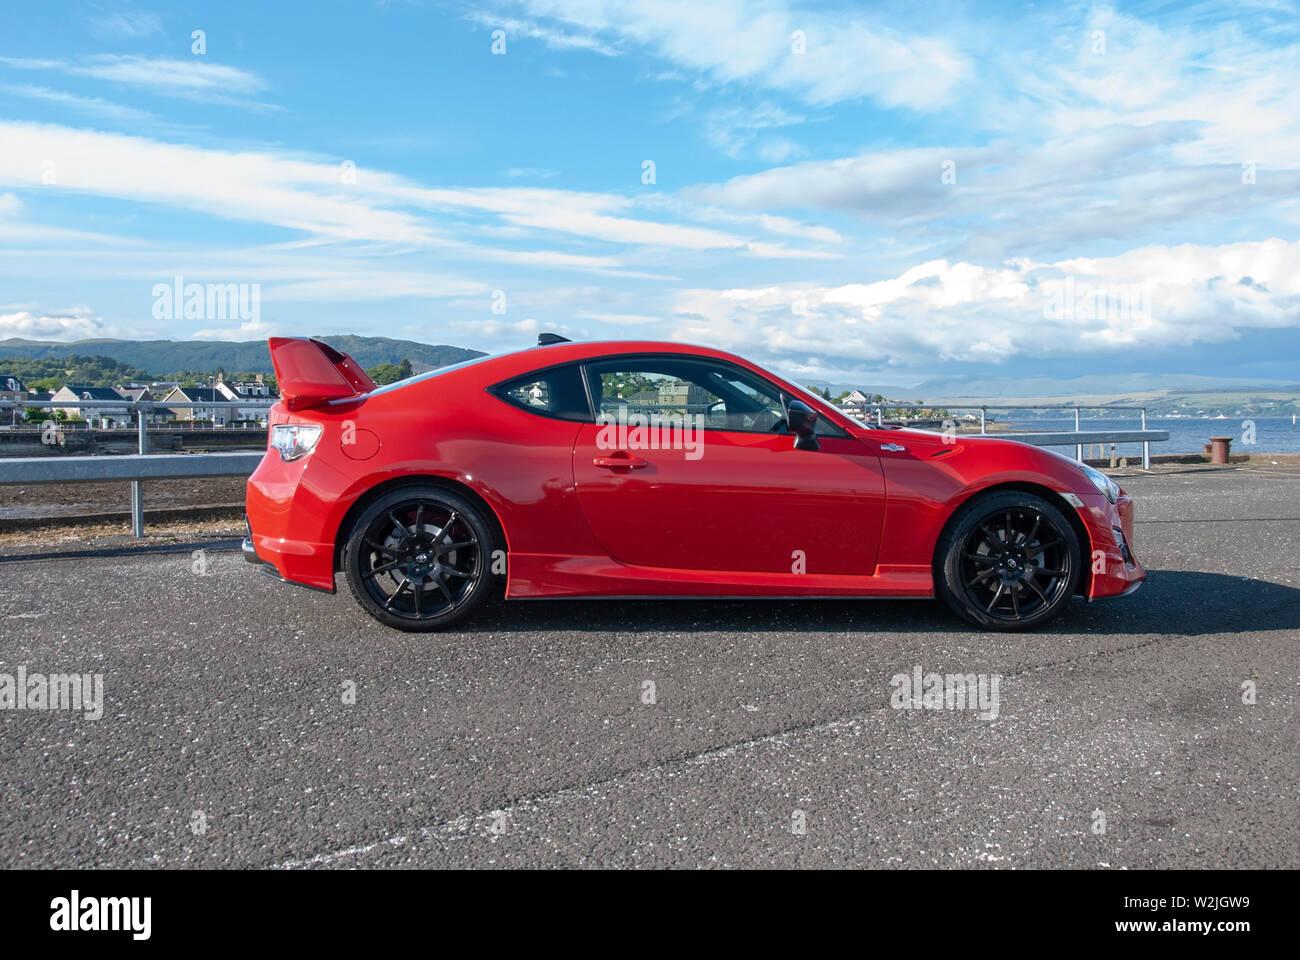 NEW NISSAN SKYLINE GTR R33 REAR SIDE T SHIRT TURBO SPORTS JDM CAR FAN ENTHUSIAST